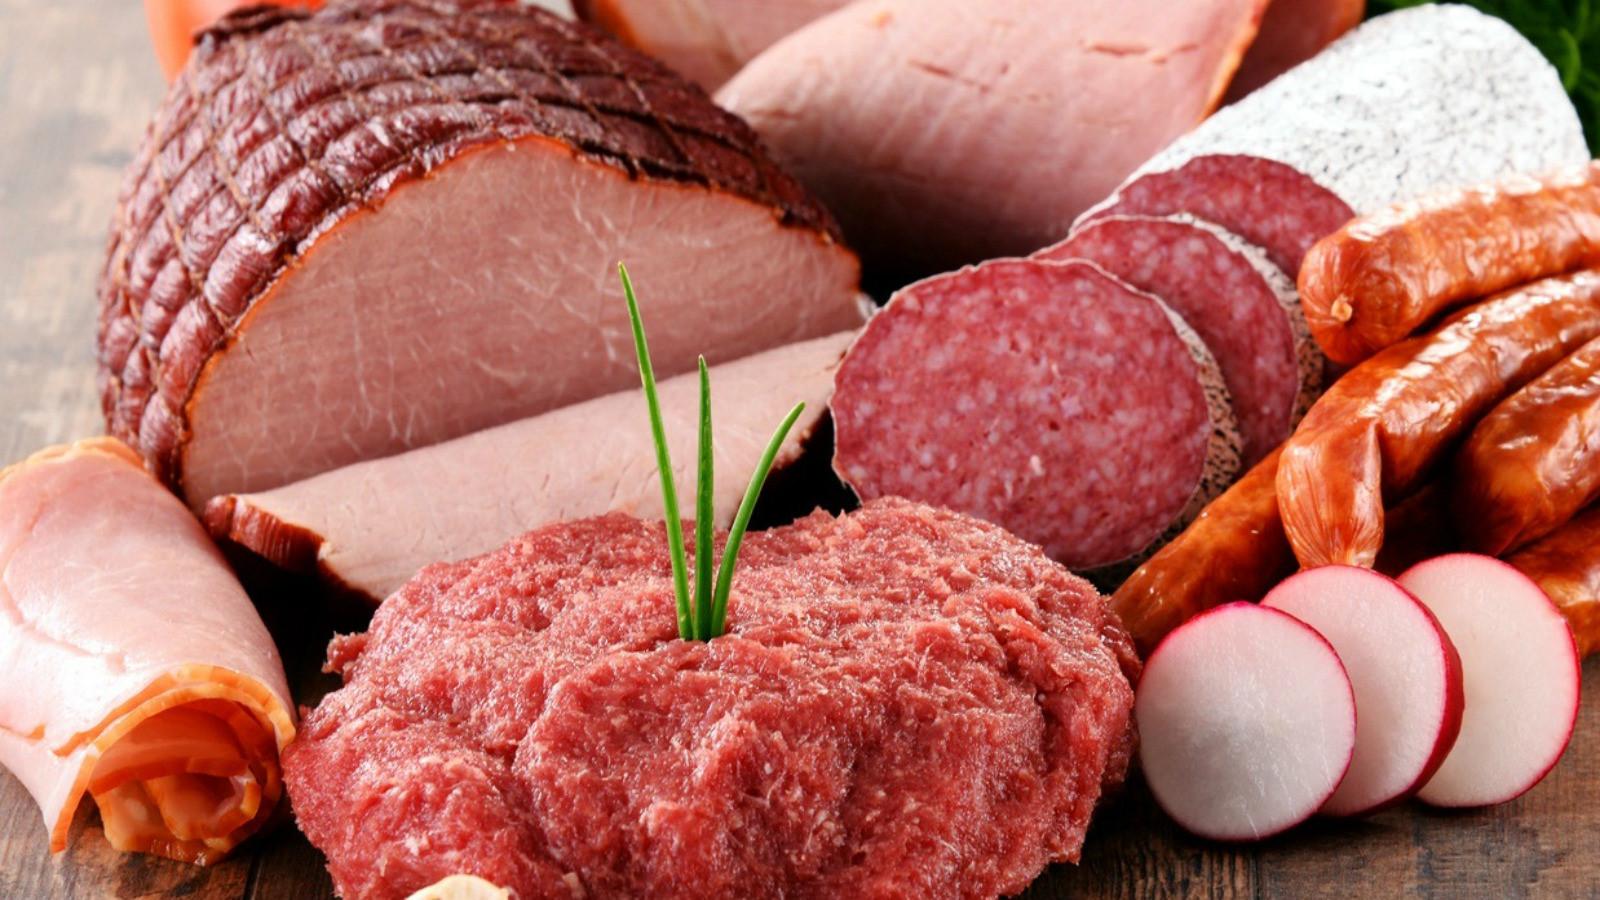 thịt đỏ và thịt chế biến có khả năng gây ung thư